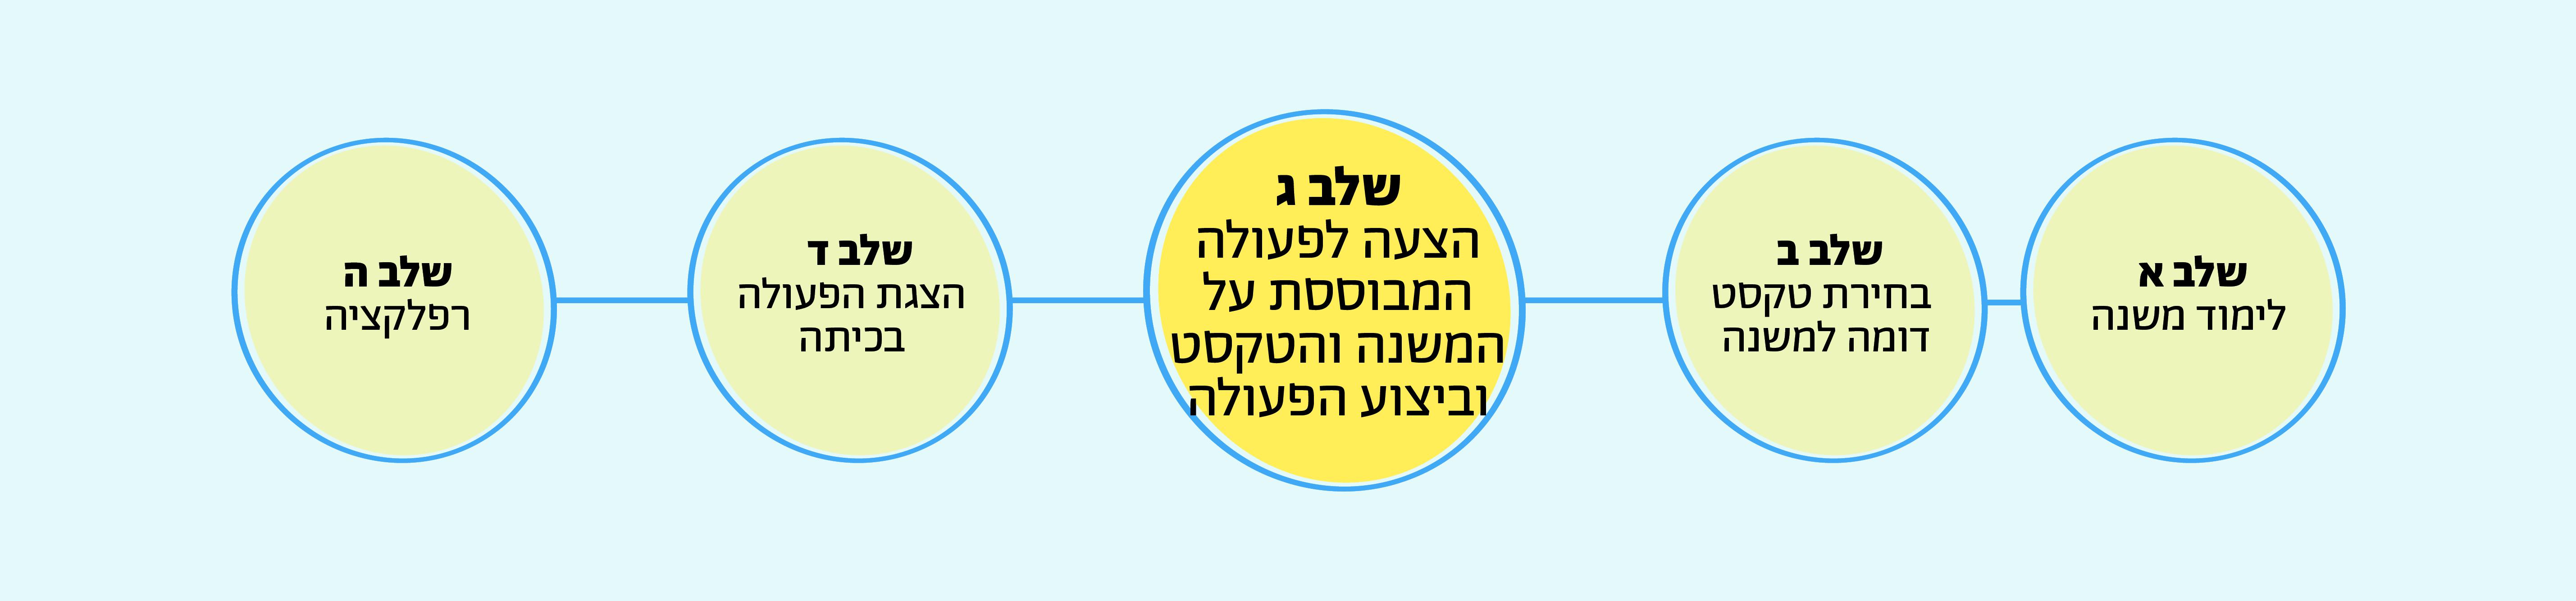 שלב ג: הצעה לפעולה המבוססת על המשנה והטקסט וביצוע הפעולה